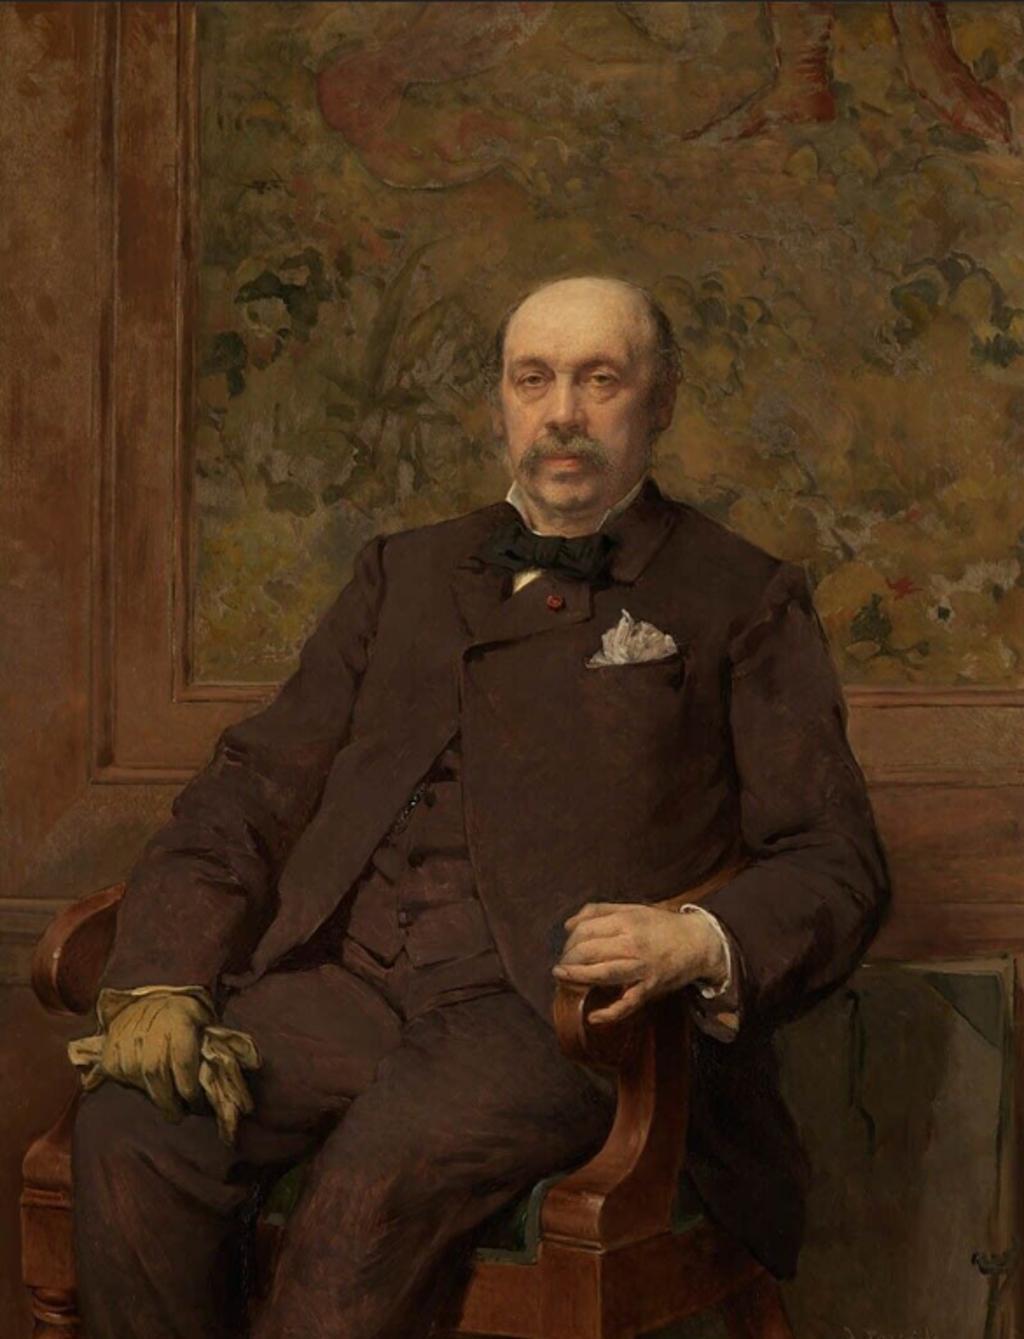 Portaels, Jean-François